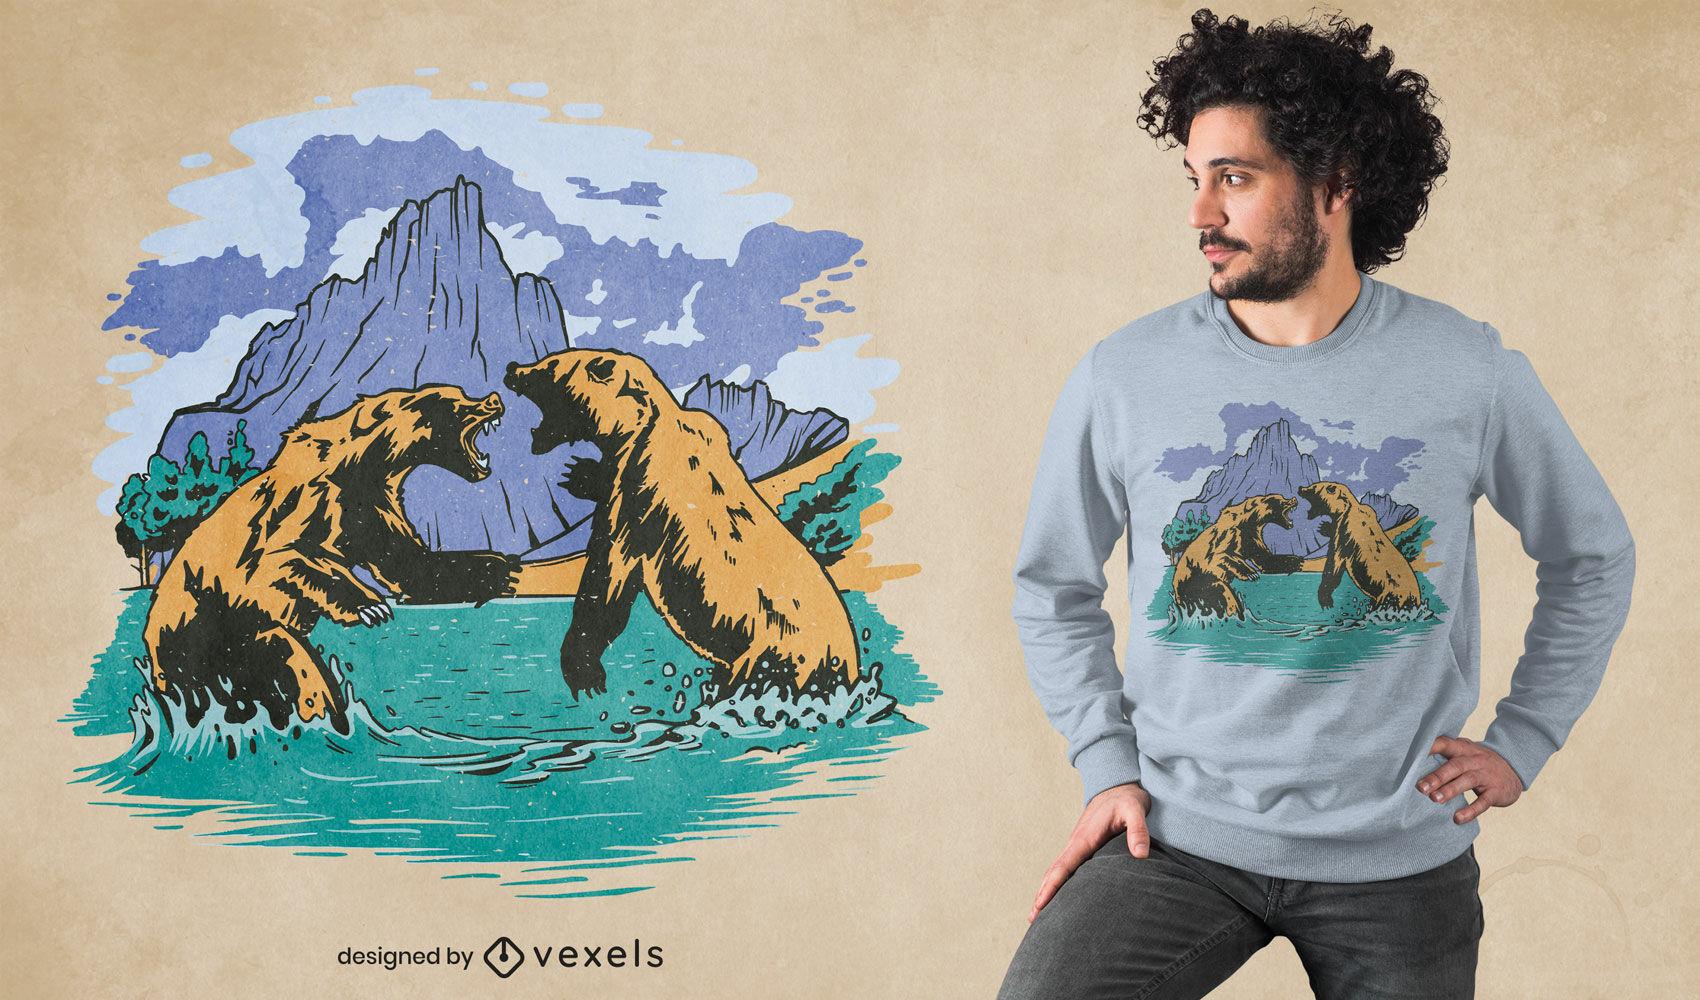 Cooles Bärenkampf T-Shirt Design